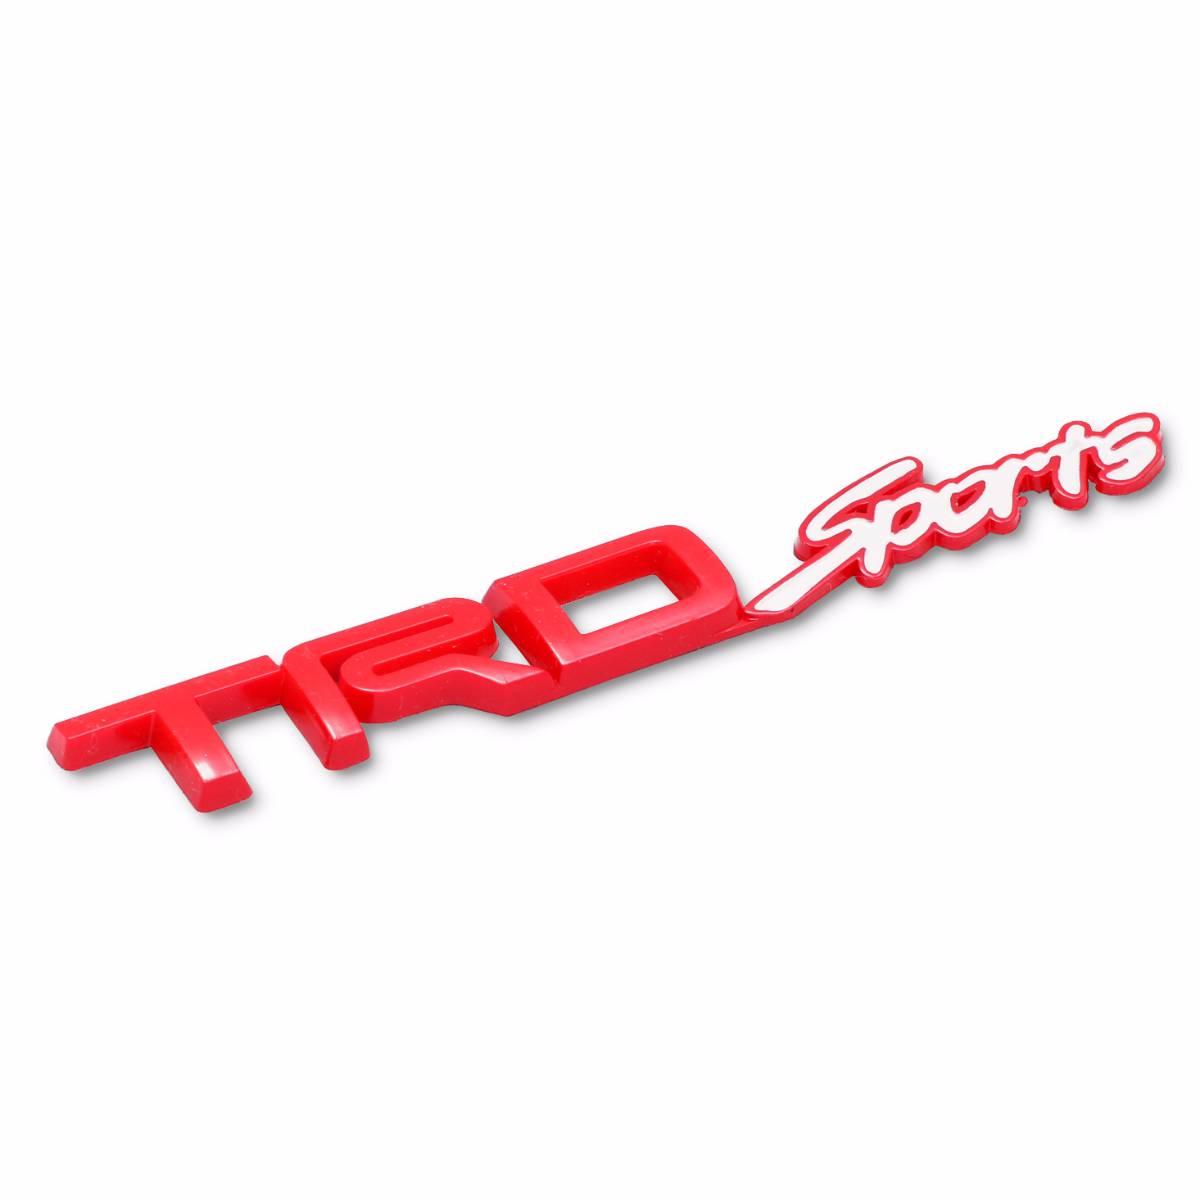 Emblem Logo Trd Sport - Red